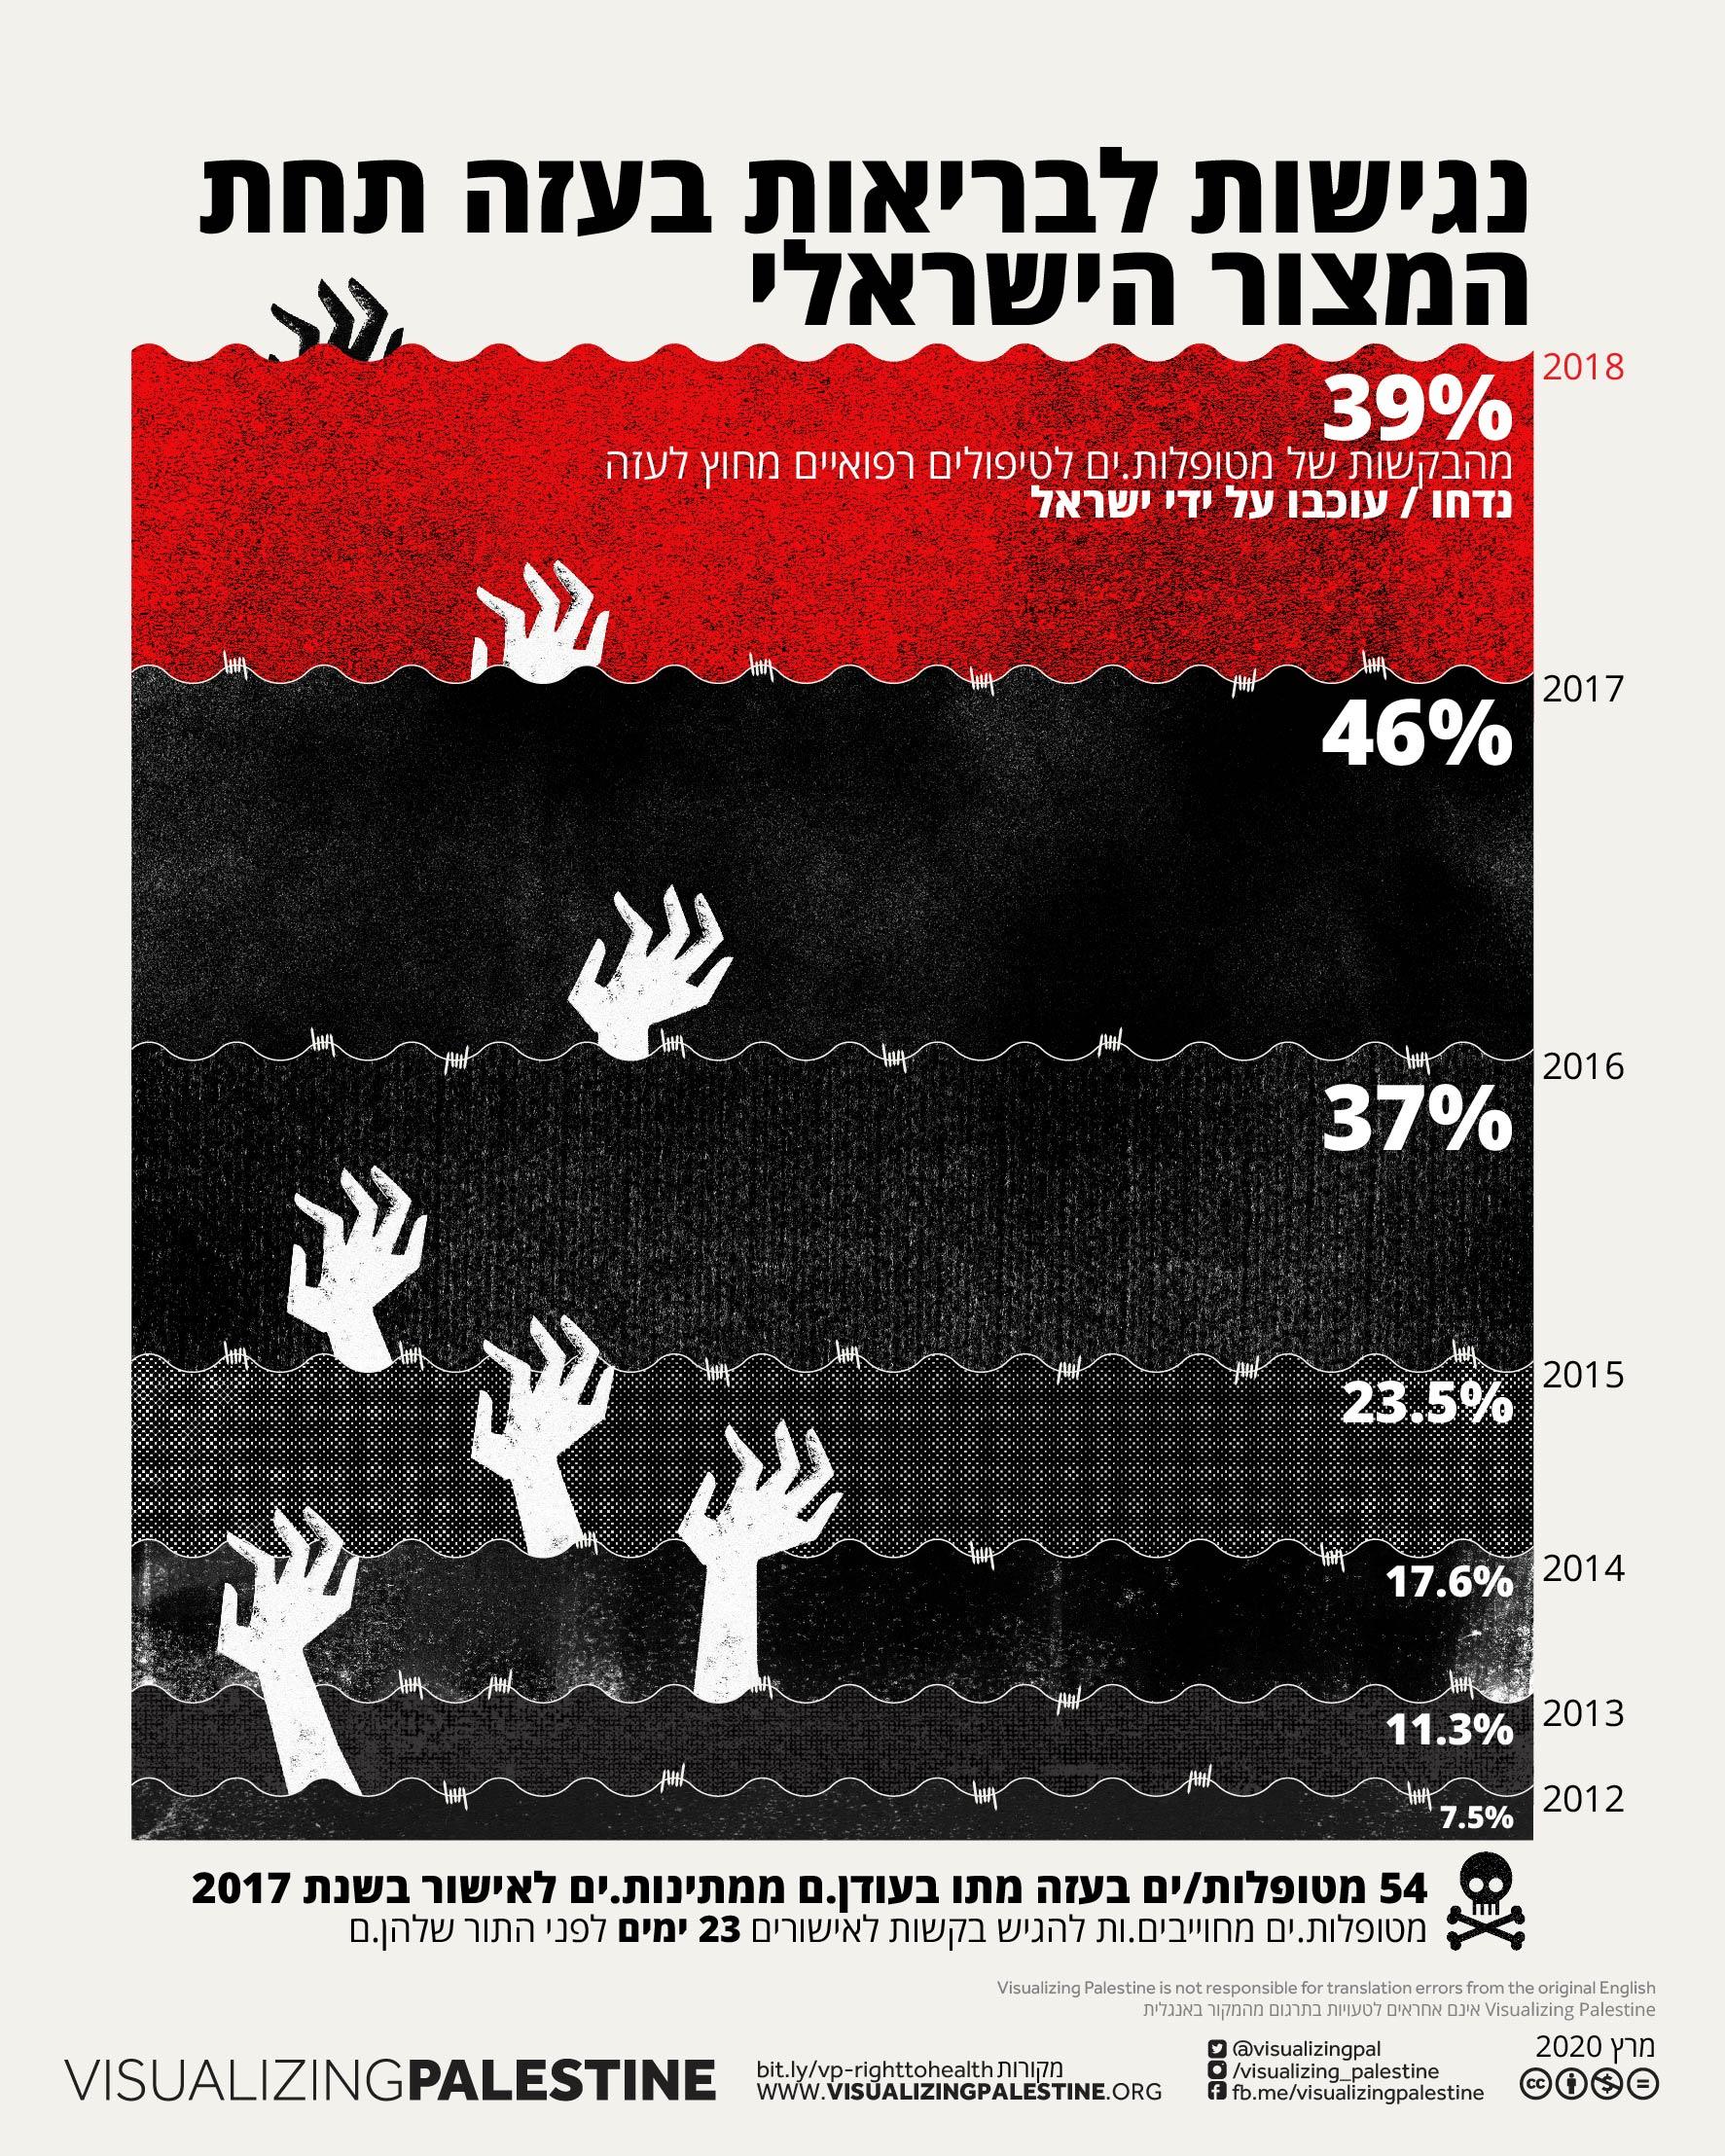 נגישות לבריאות בעזה תחת המצור הישראלי